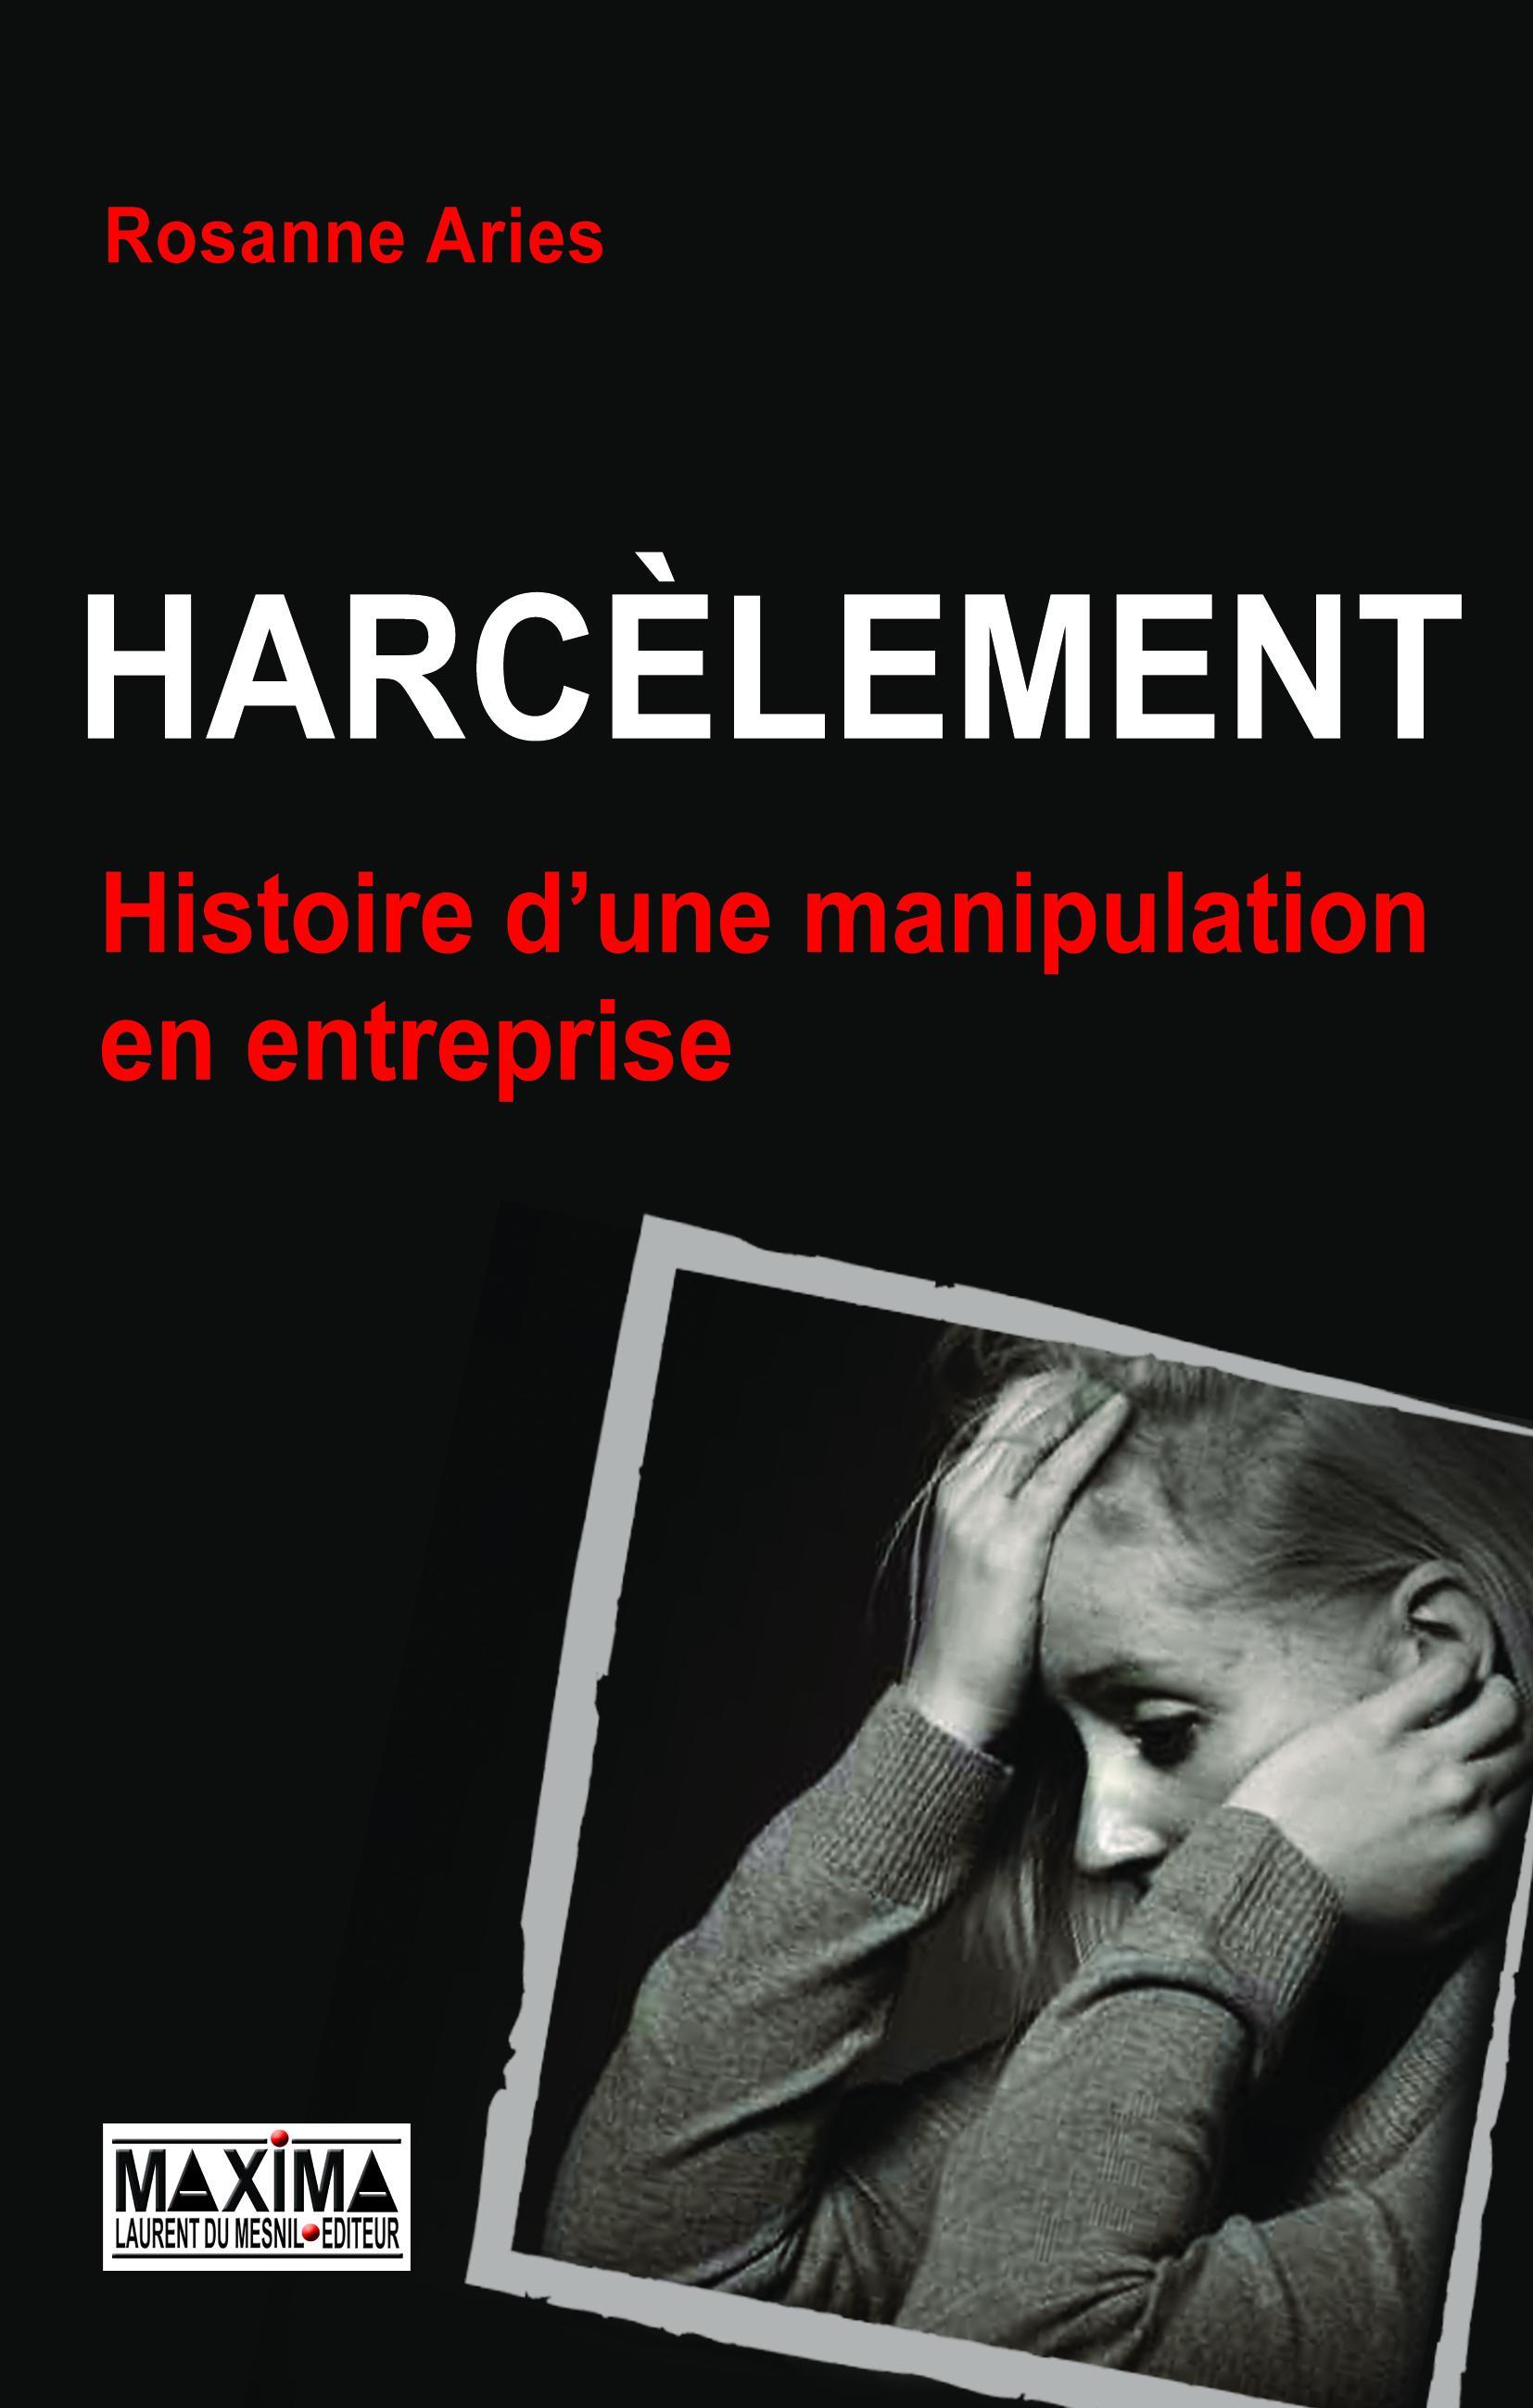 Harcèlement, UNE HISTOIRE DE MANIPULATION EN ENTREPRISE